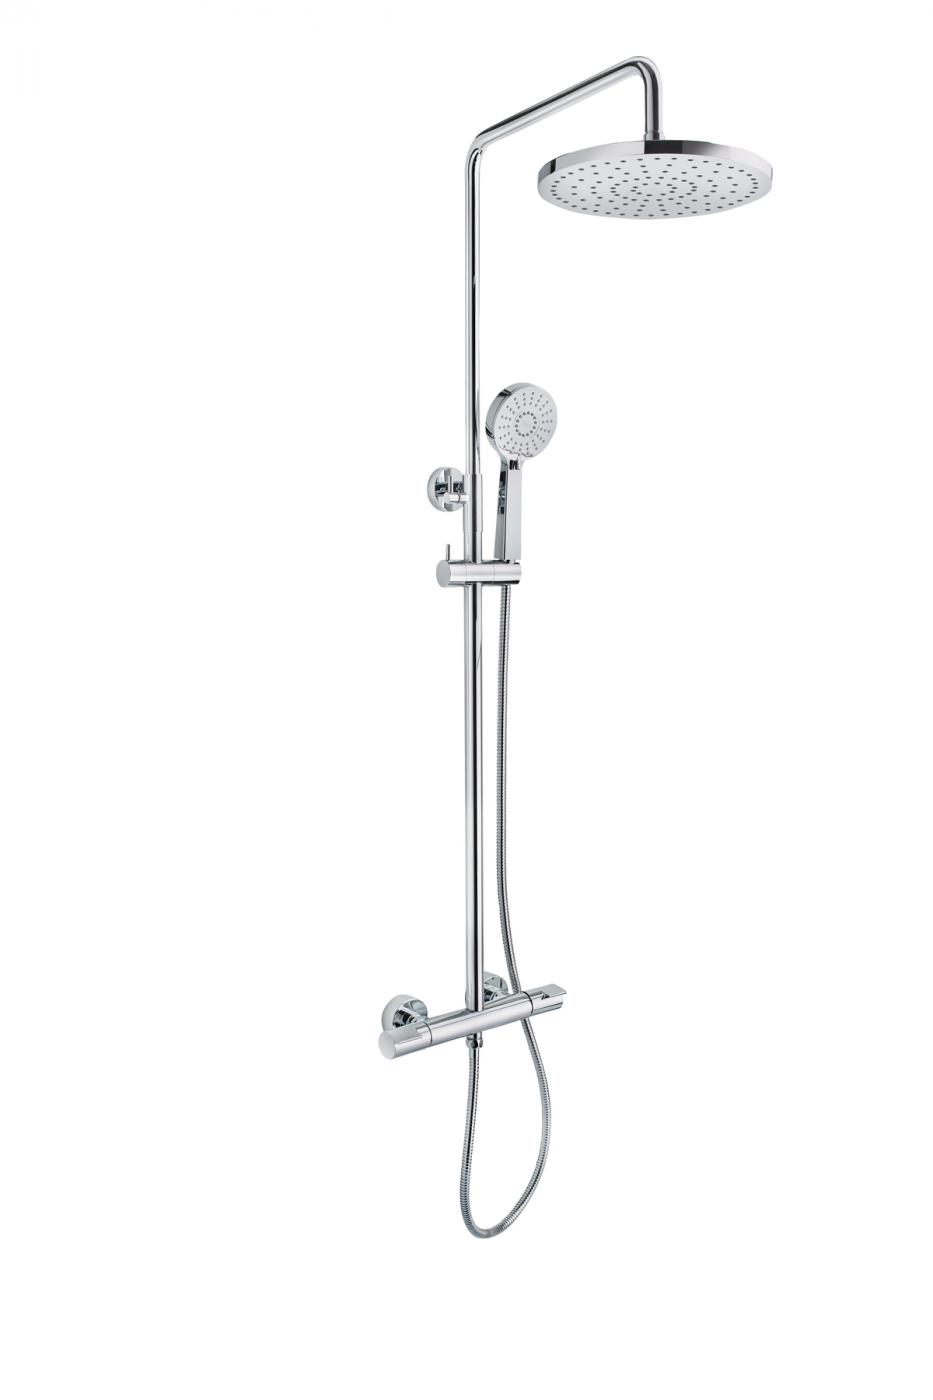 Columna de ducha termostática classic